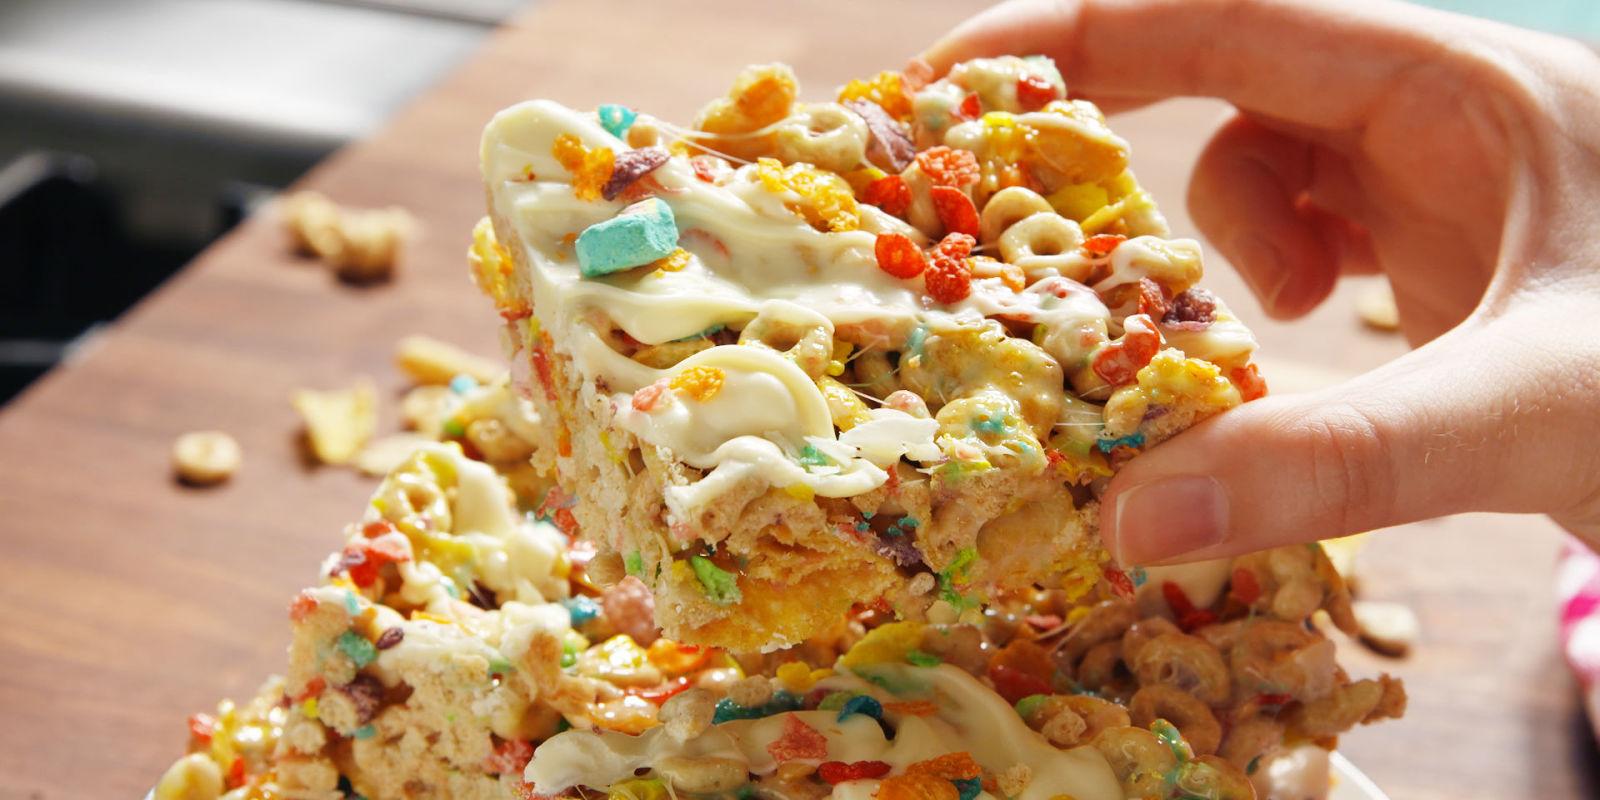 20 easy dessert recipes for kids best kid friendly for Easy dinner recipes for kids to make